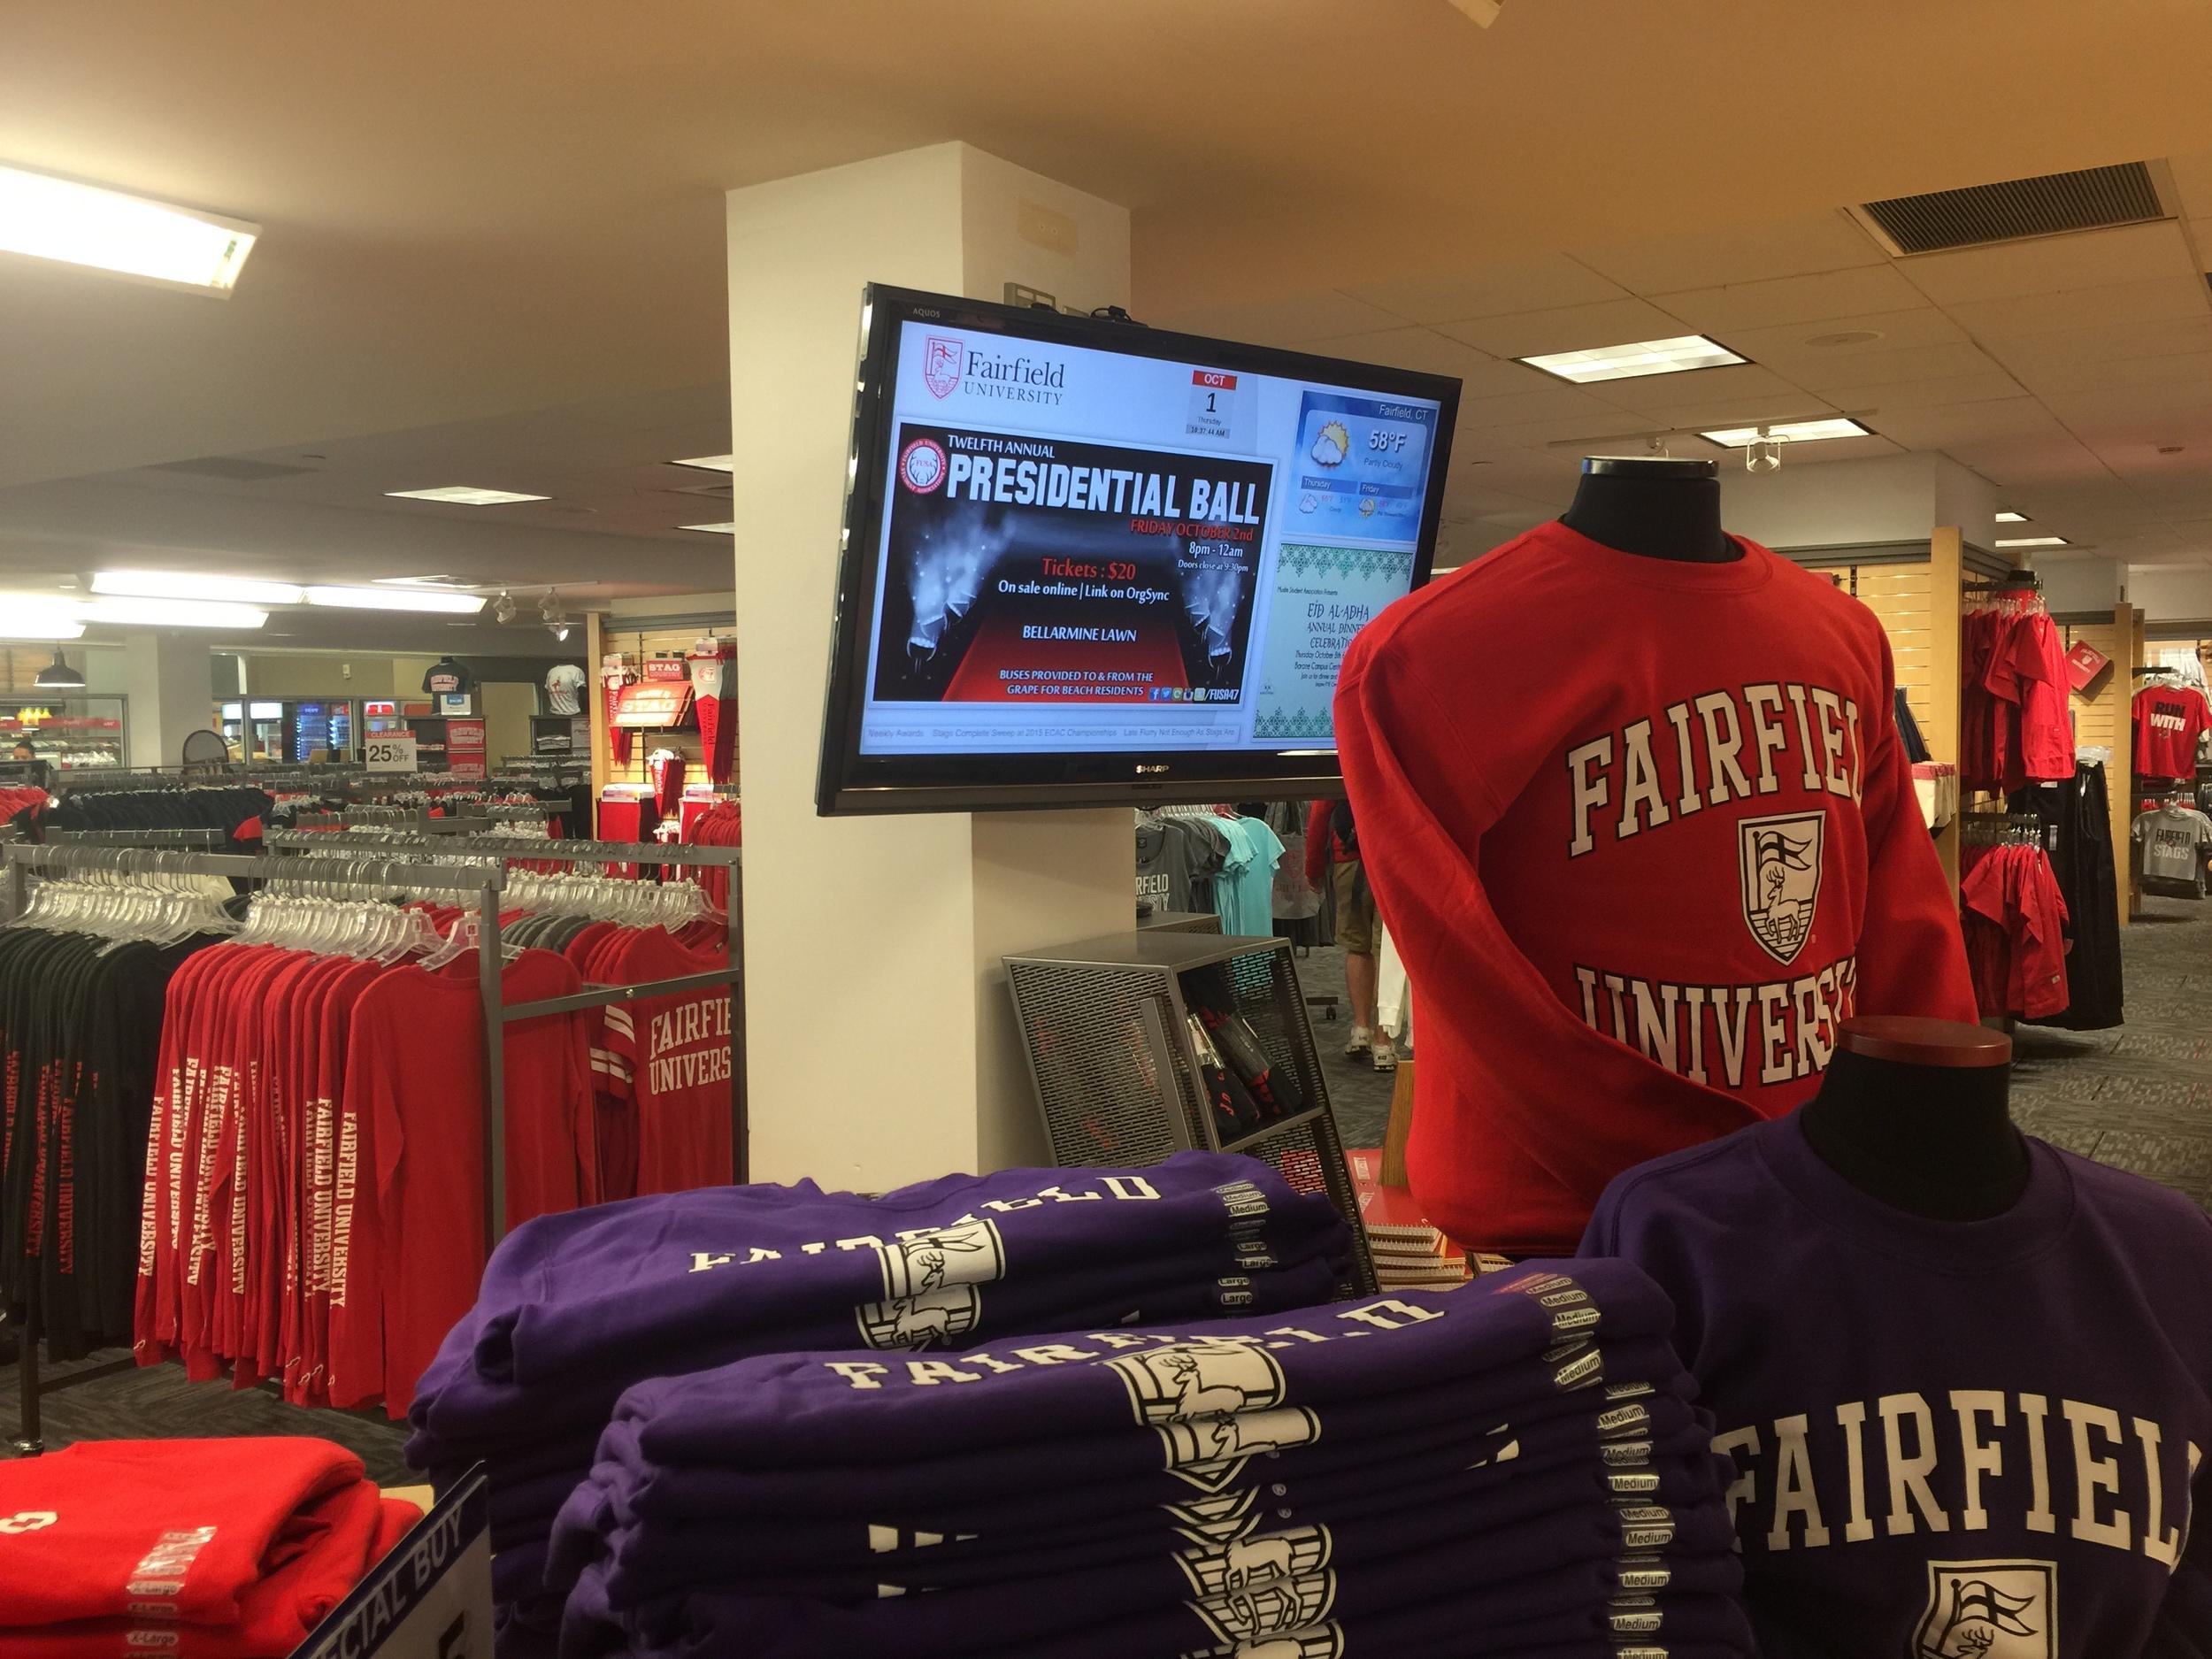 Fairfield-Campus-Digital-Signage